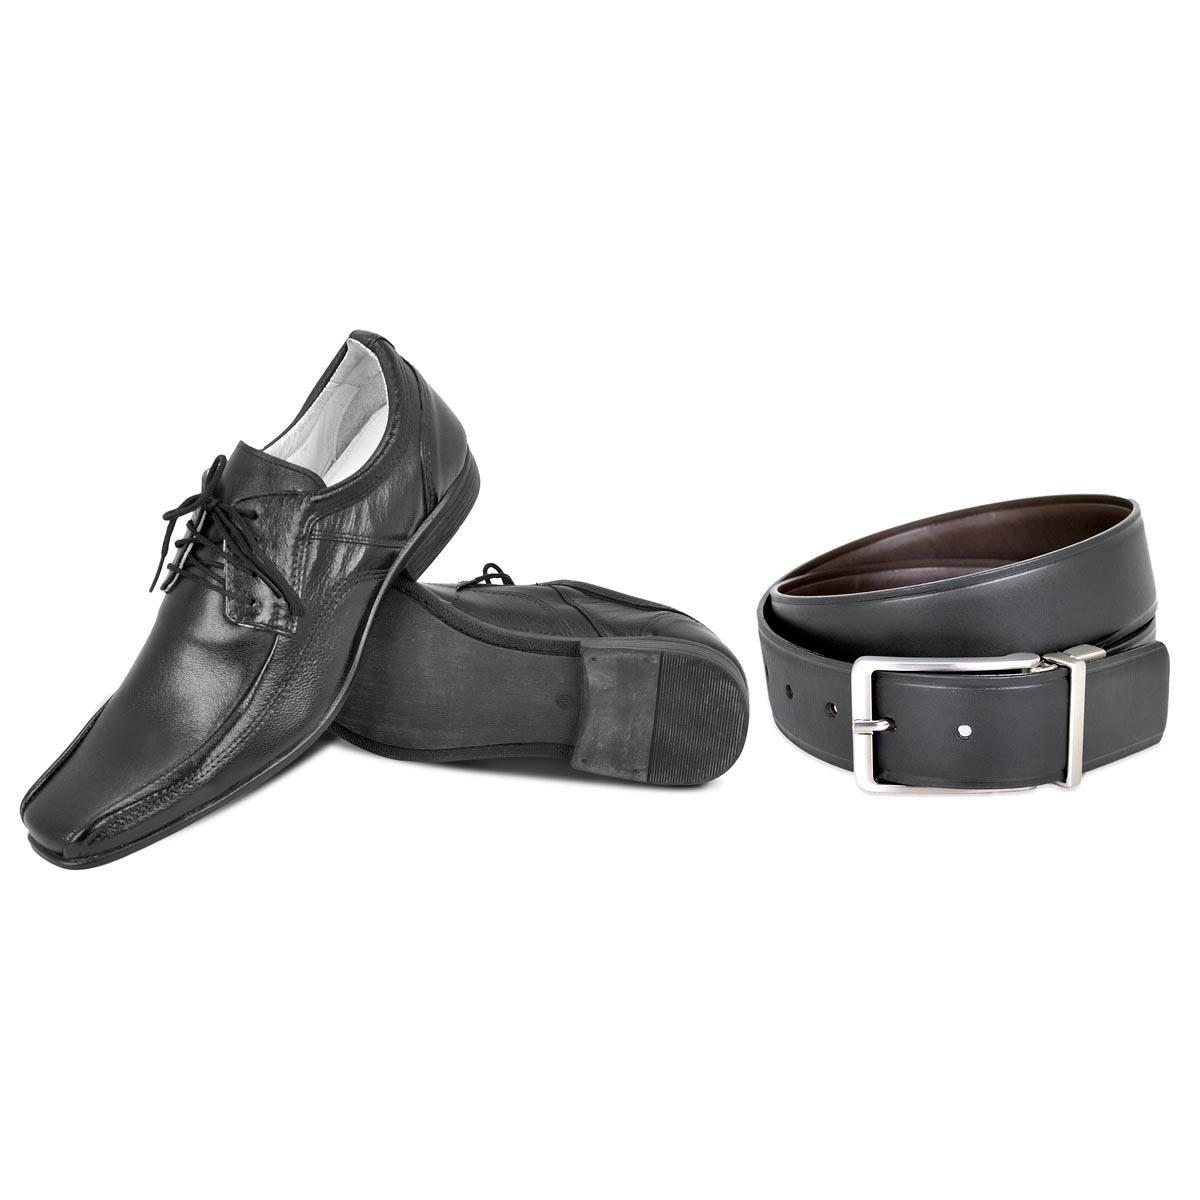 Kit Face 1 Em Cinto Masculino Sapato E 2 Preto Dupla 7nqrZ7HW